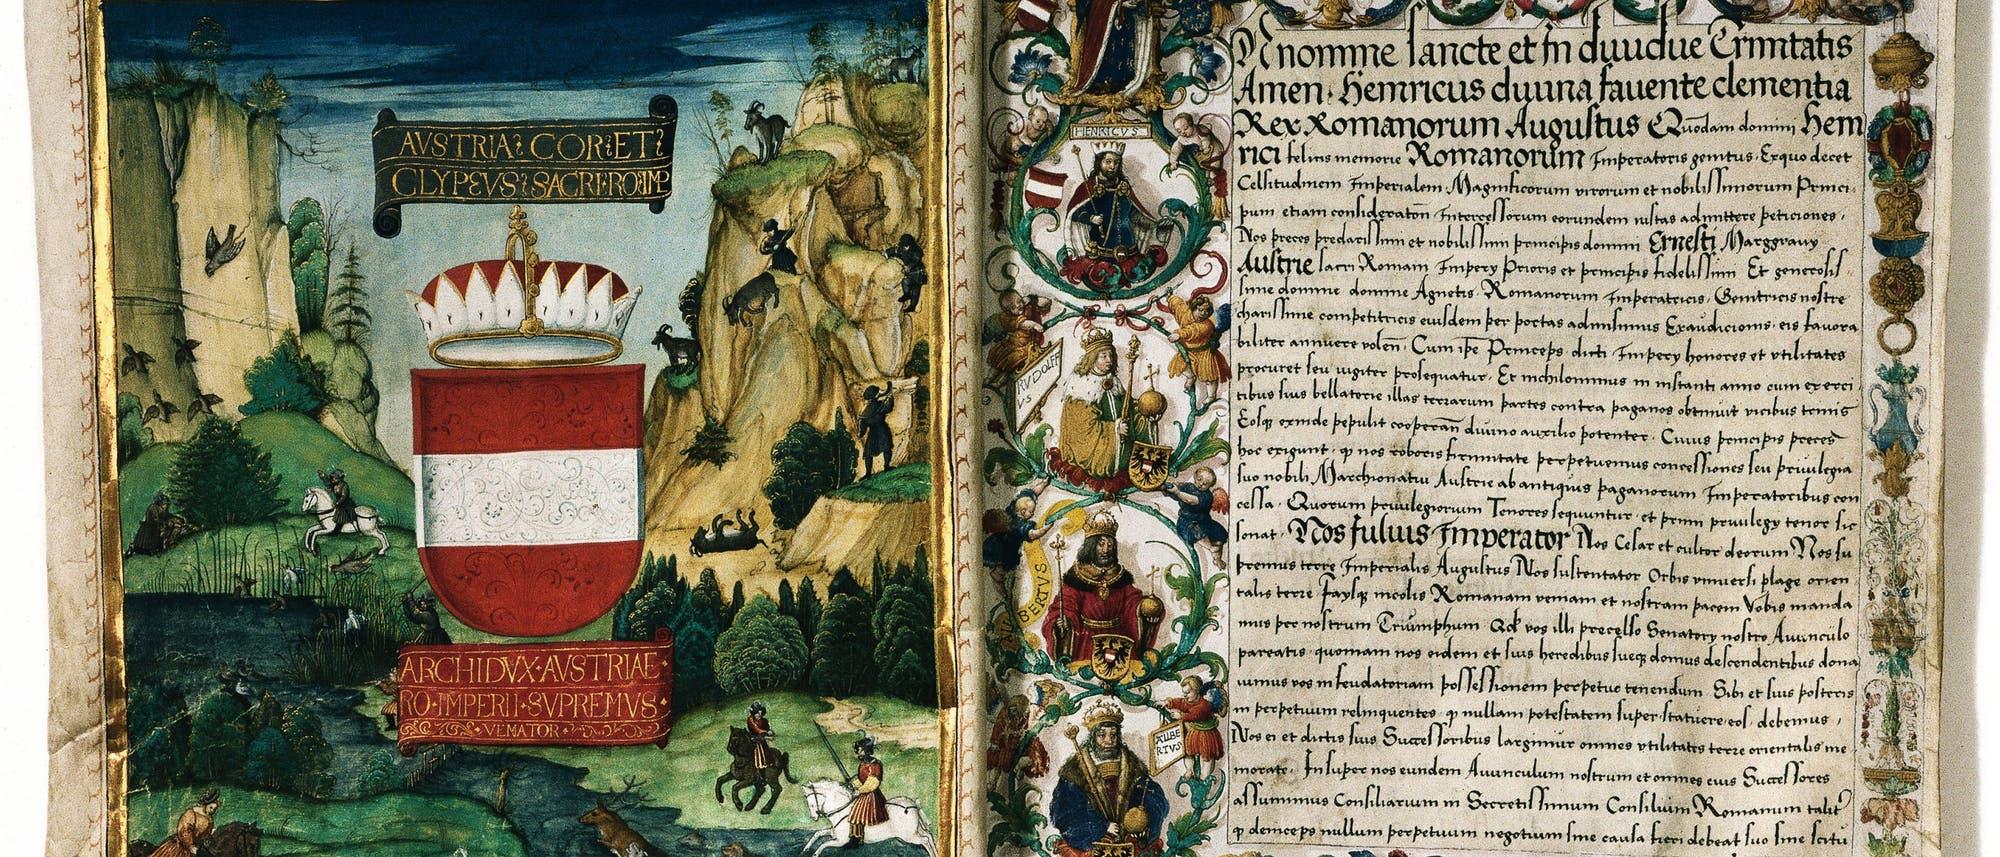 Abschrift des »Privilegium maius« von 1512. Der Habsburger Rudolf IV. hatte den Inhalt des Dokuments 1359 erfunden.